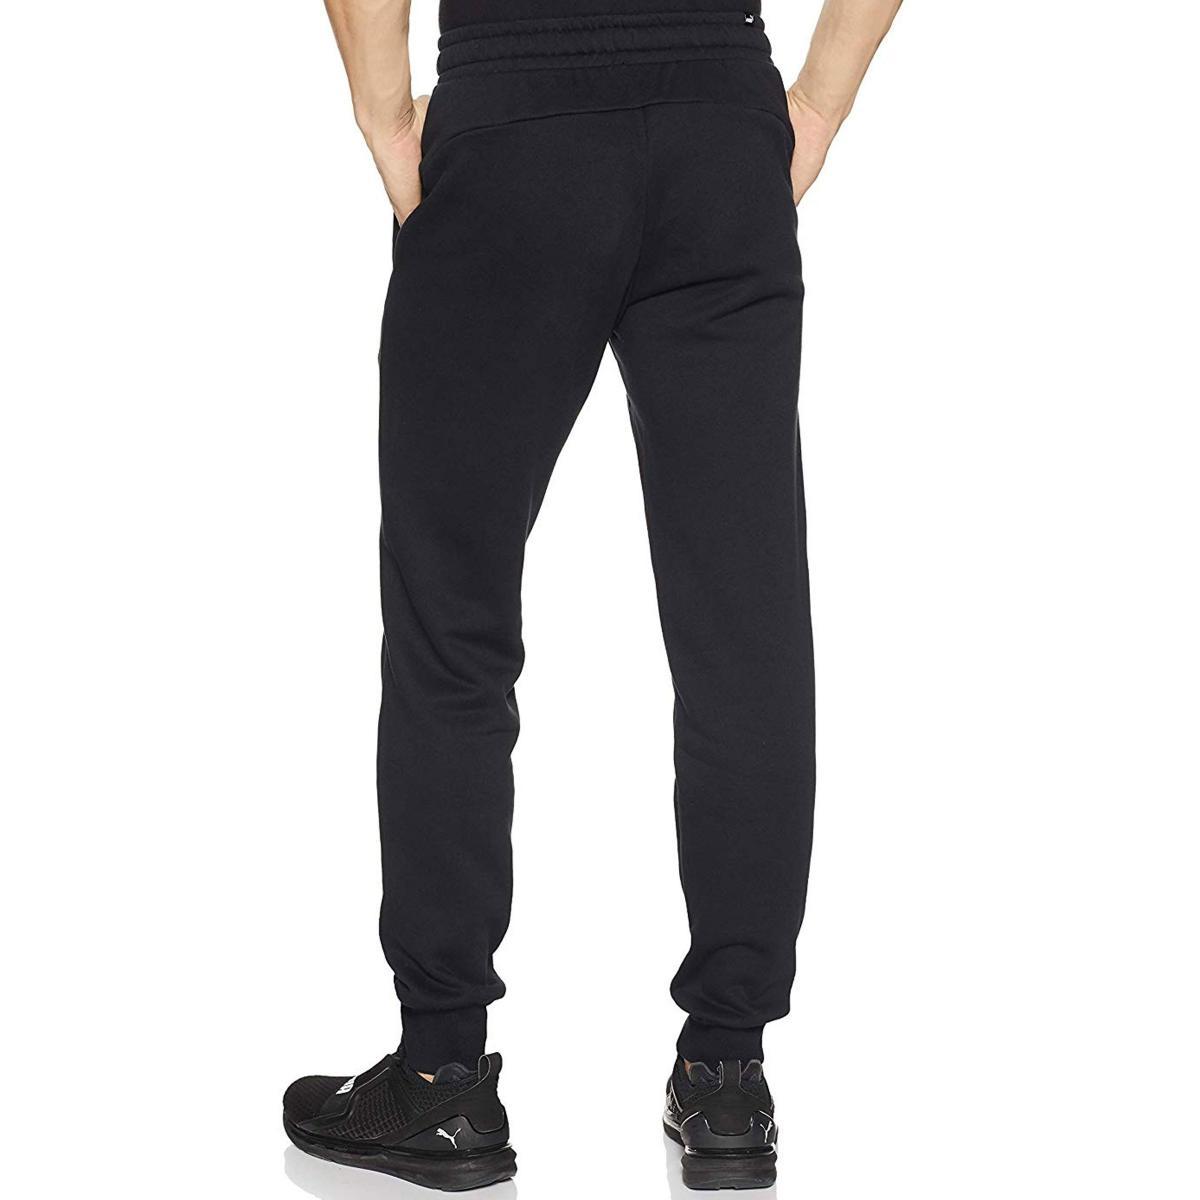 Pantaloni Puma Essentials in tuta con logo da uomo rif. 852428